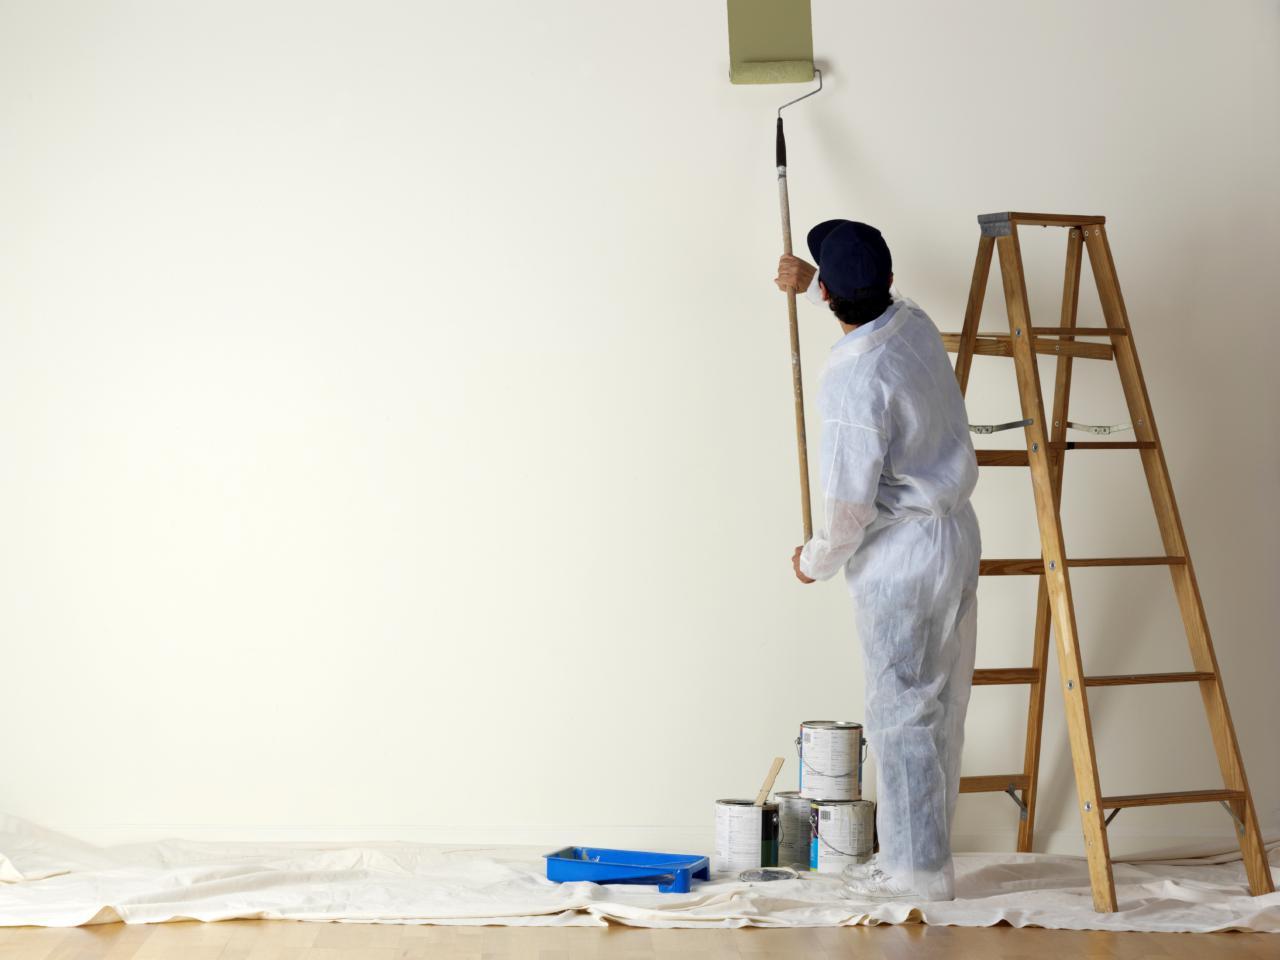 firma malarska gdynia, malowanie mieszkań gdynia